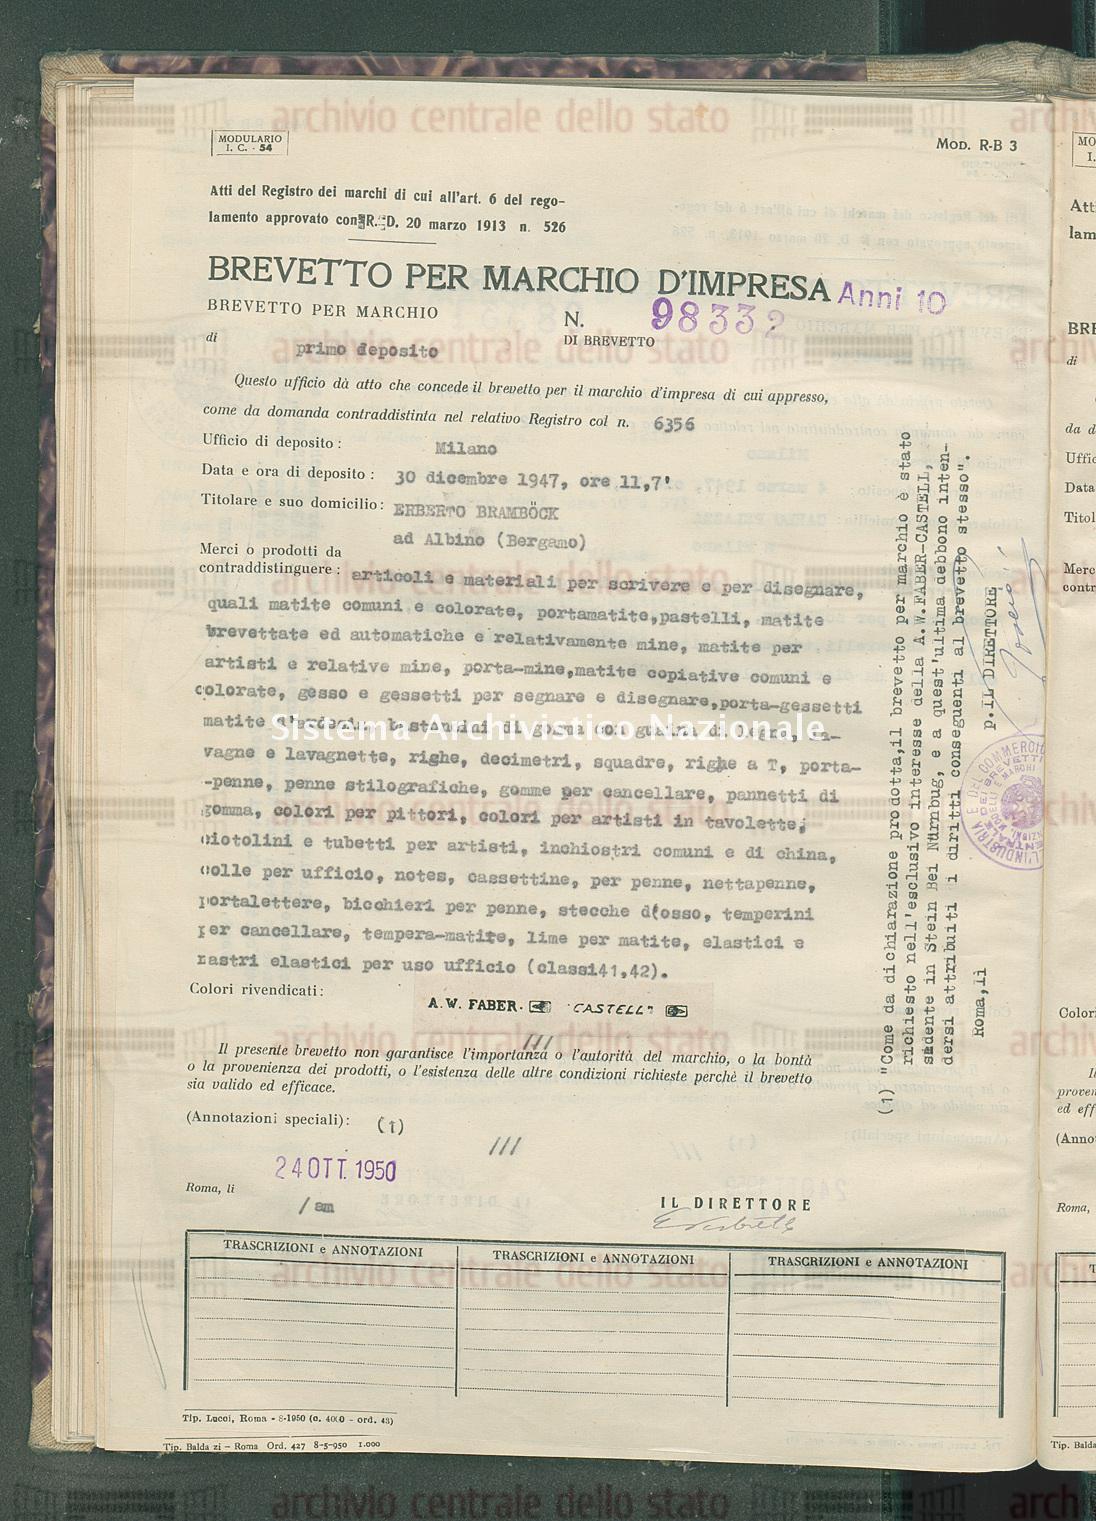 Articoli e materiali per scrivere ecc. Erberto Brambock (24/10/1950)